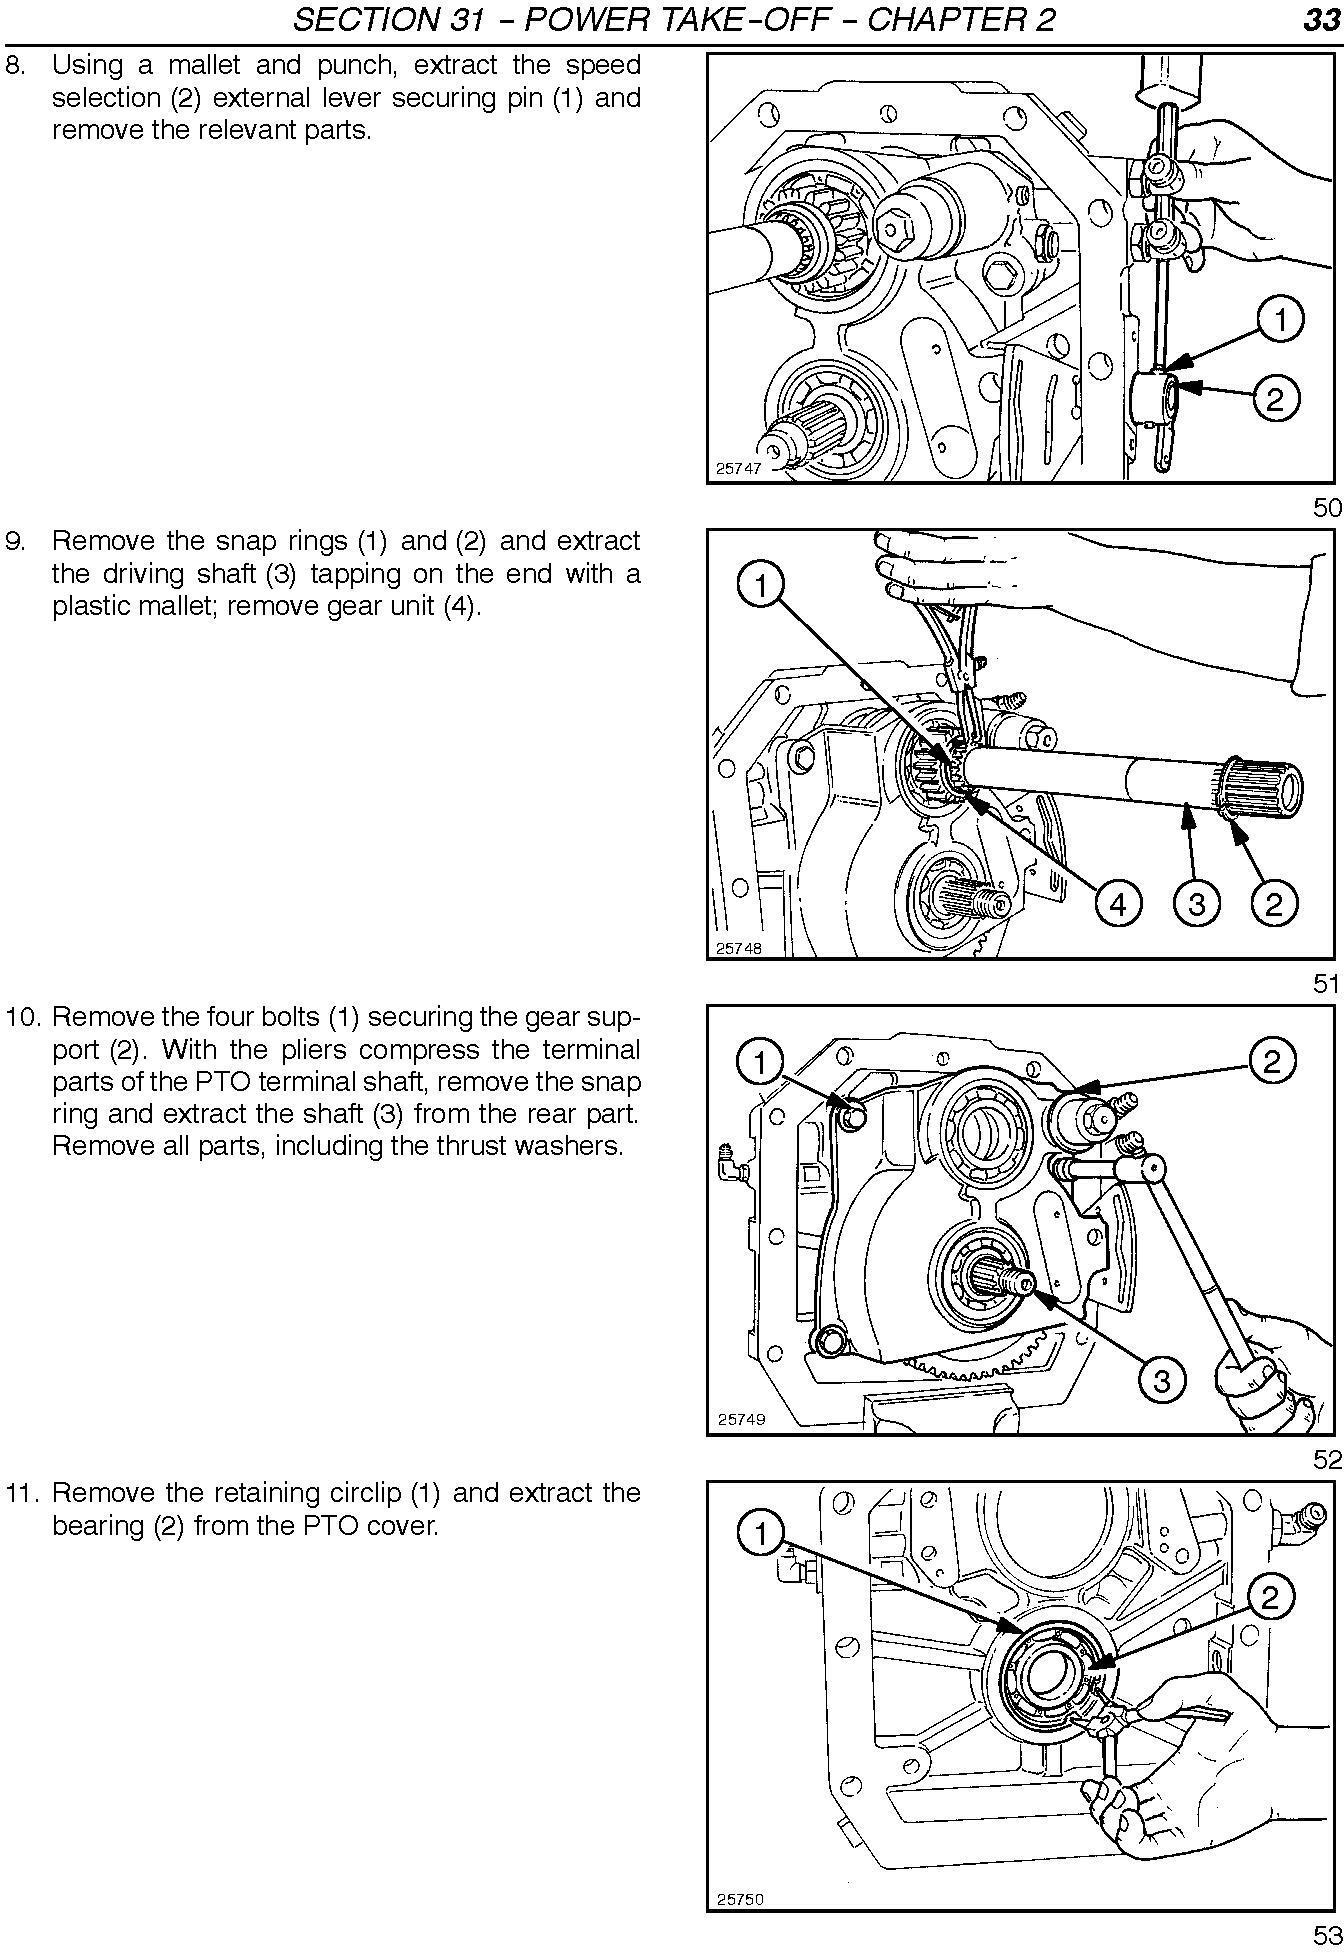 New Holland TL70, TL80, TL90, TL100 Tractors Complete Service Manual - 2